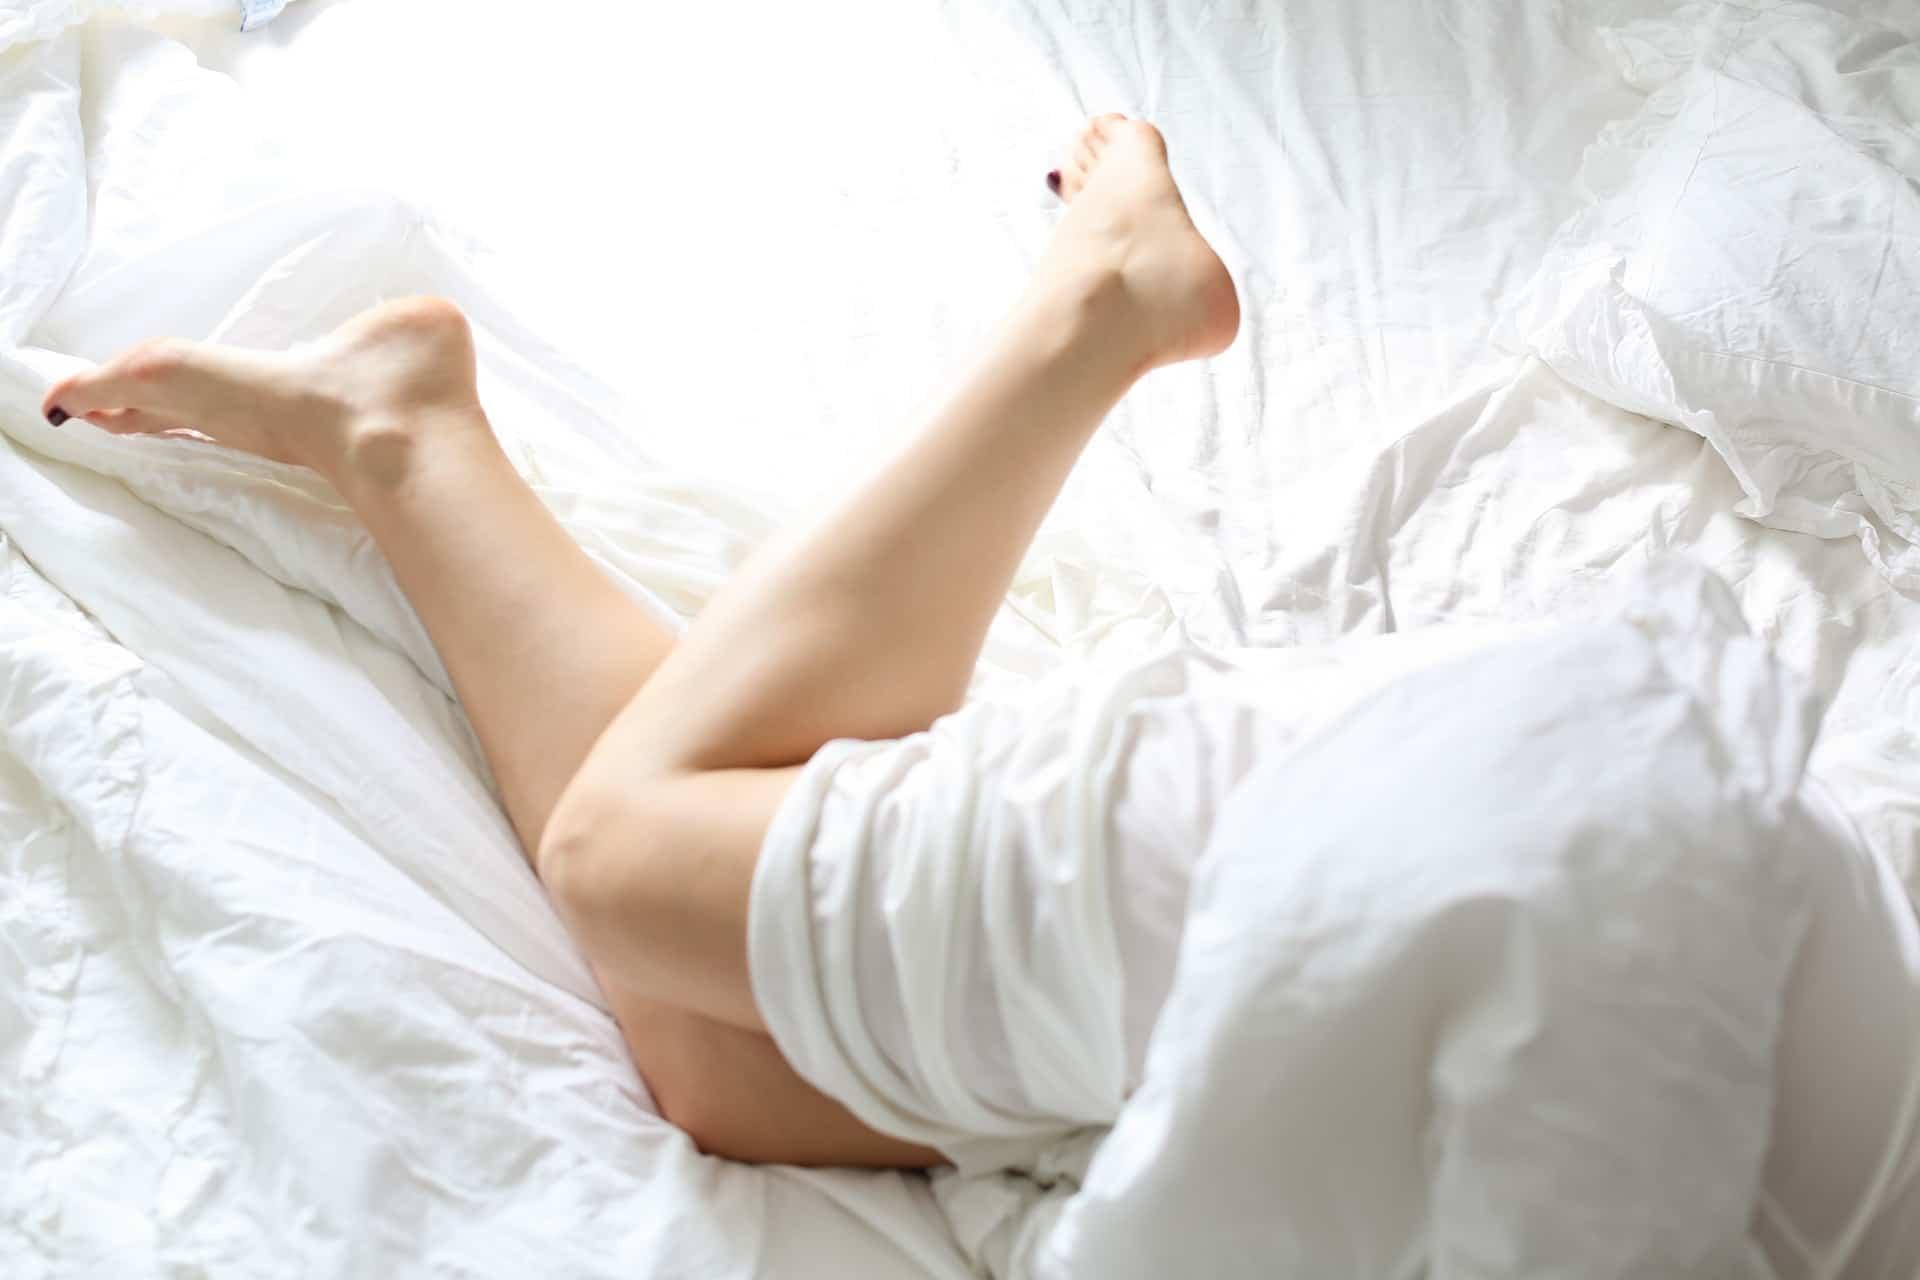 women get restless leg syndrome more often